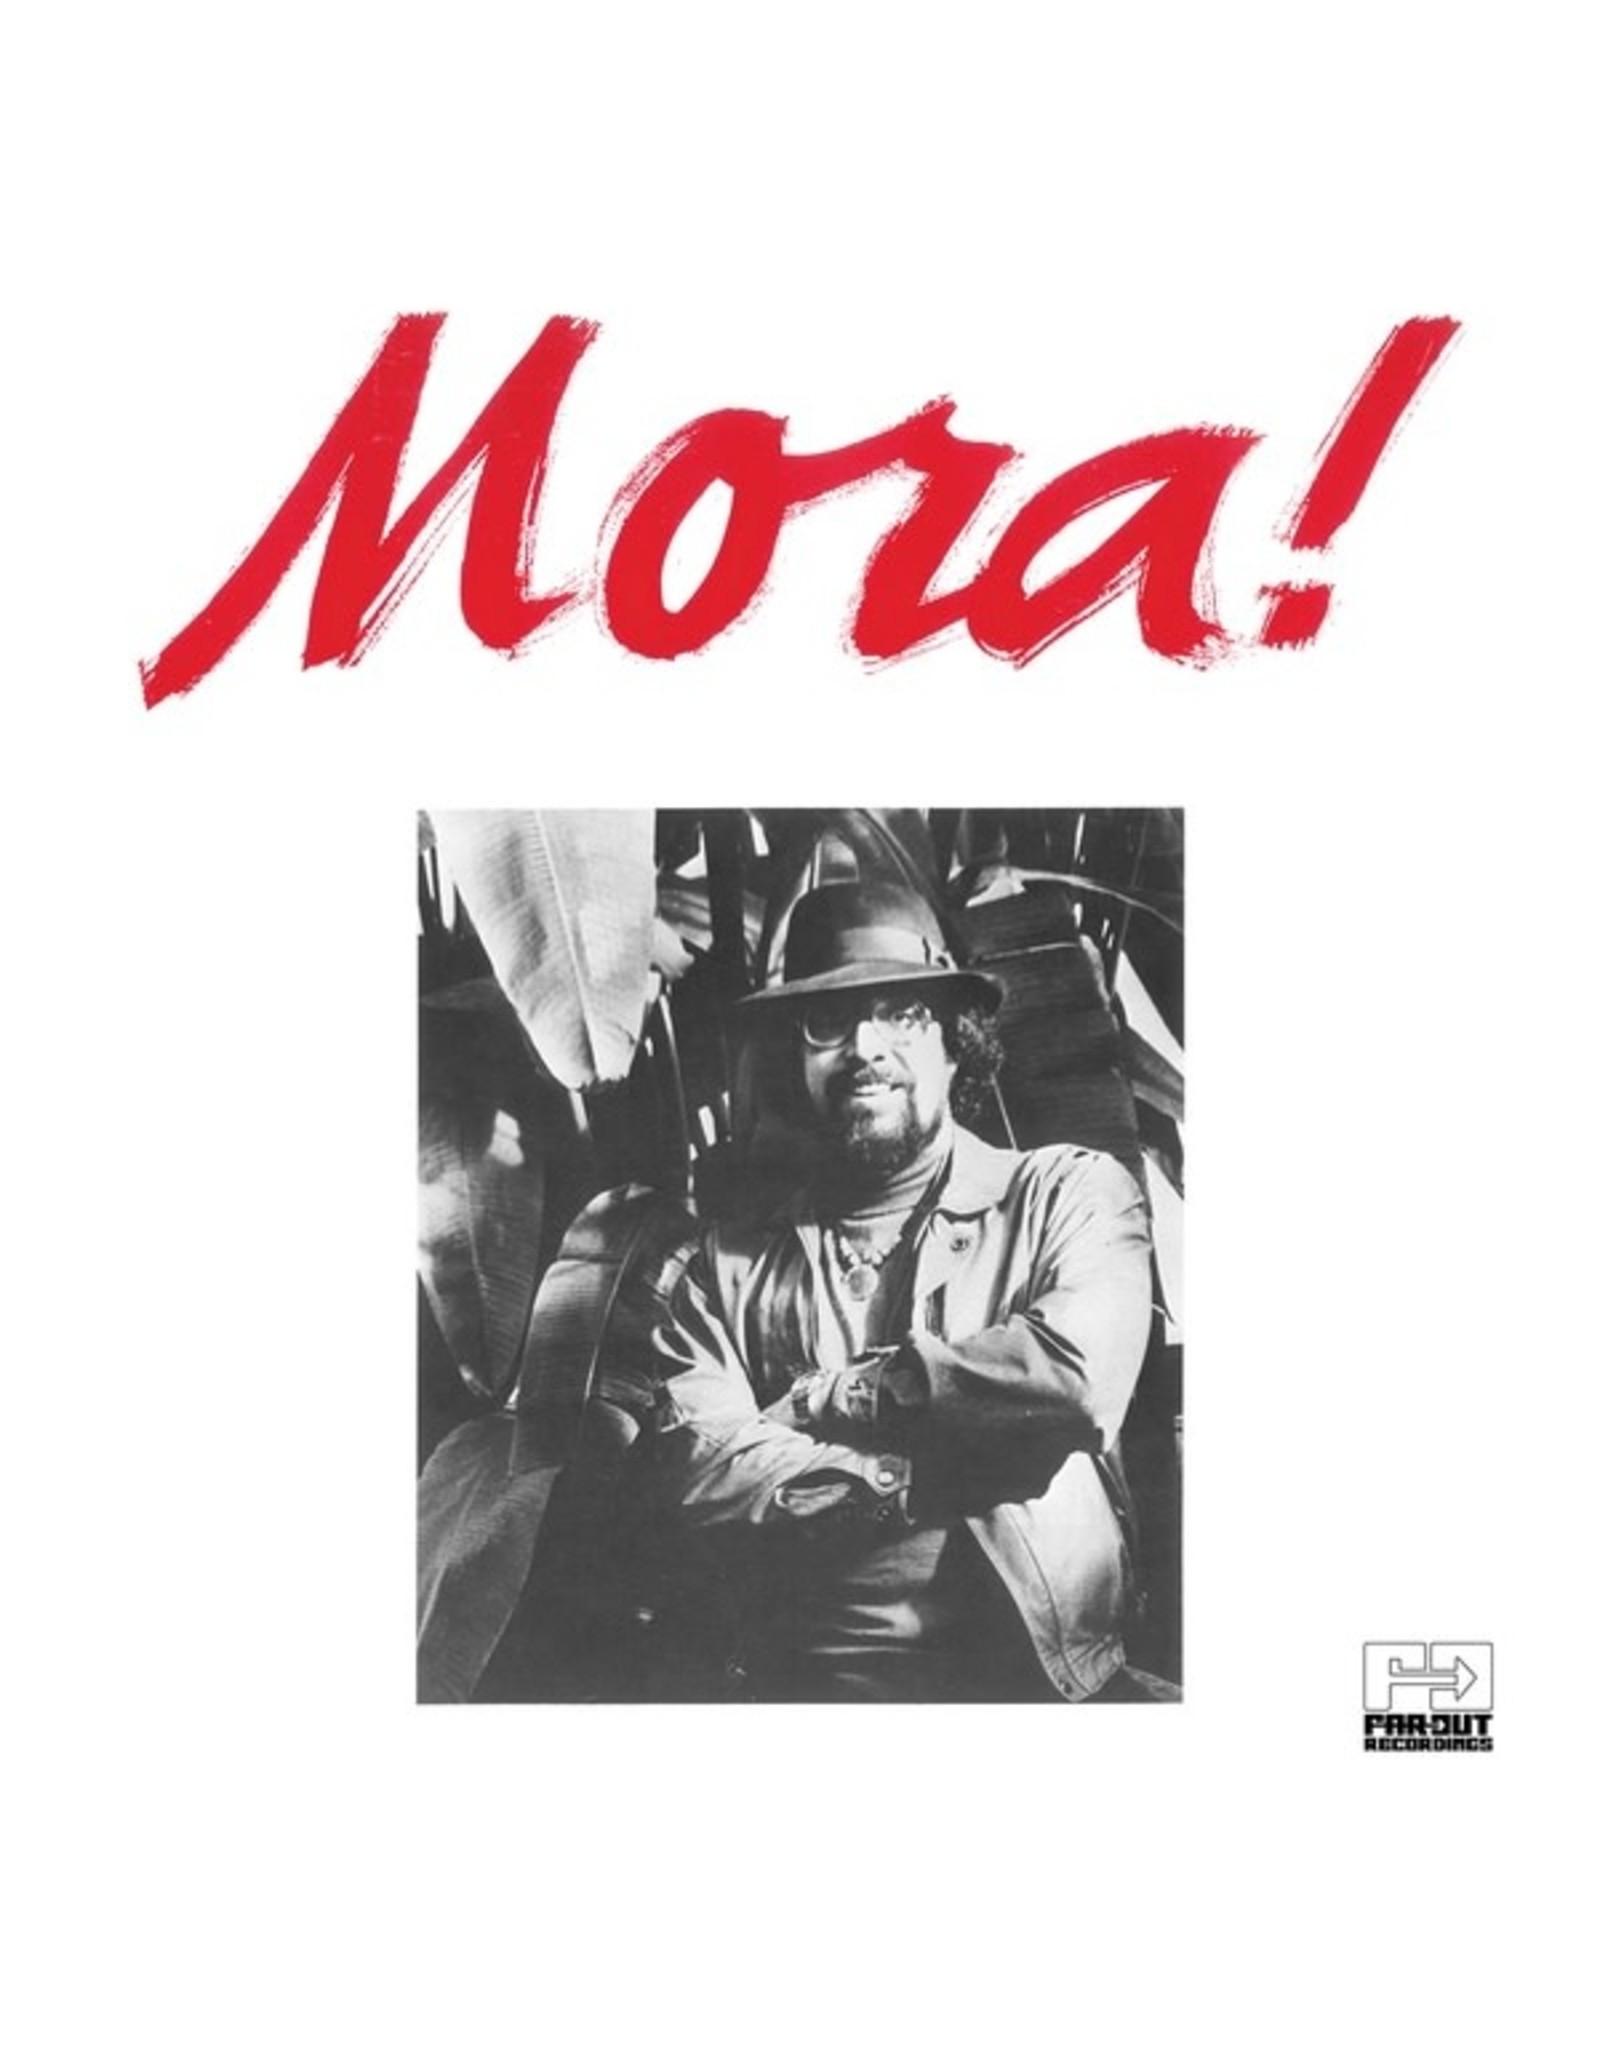 New Vinyl Mora Catlett - Mora! I LP